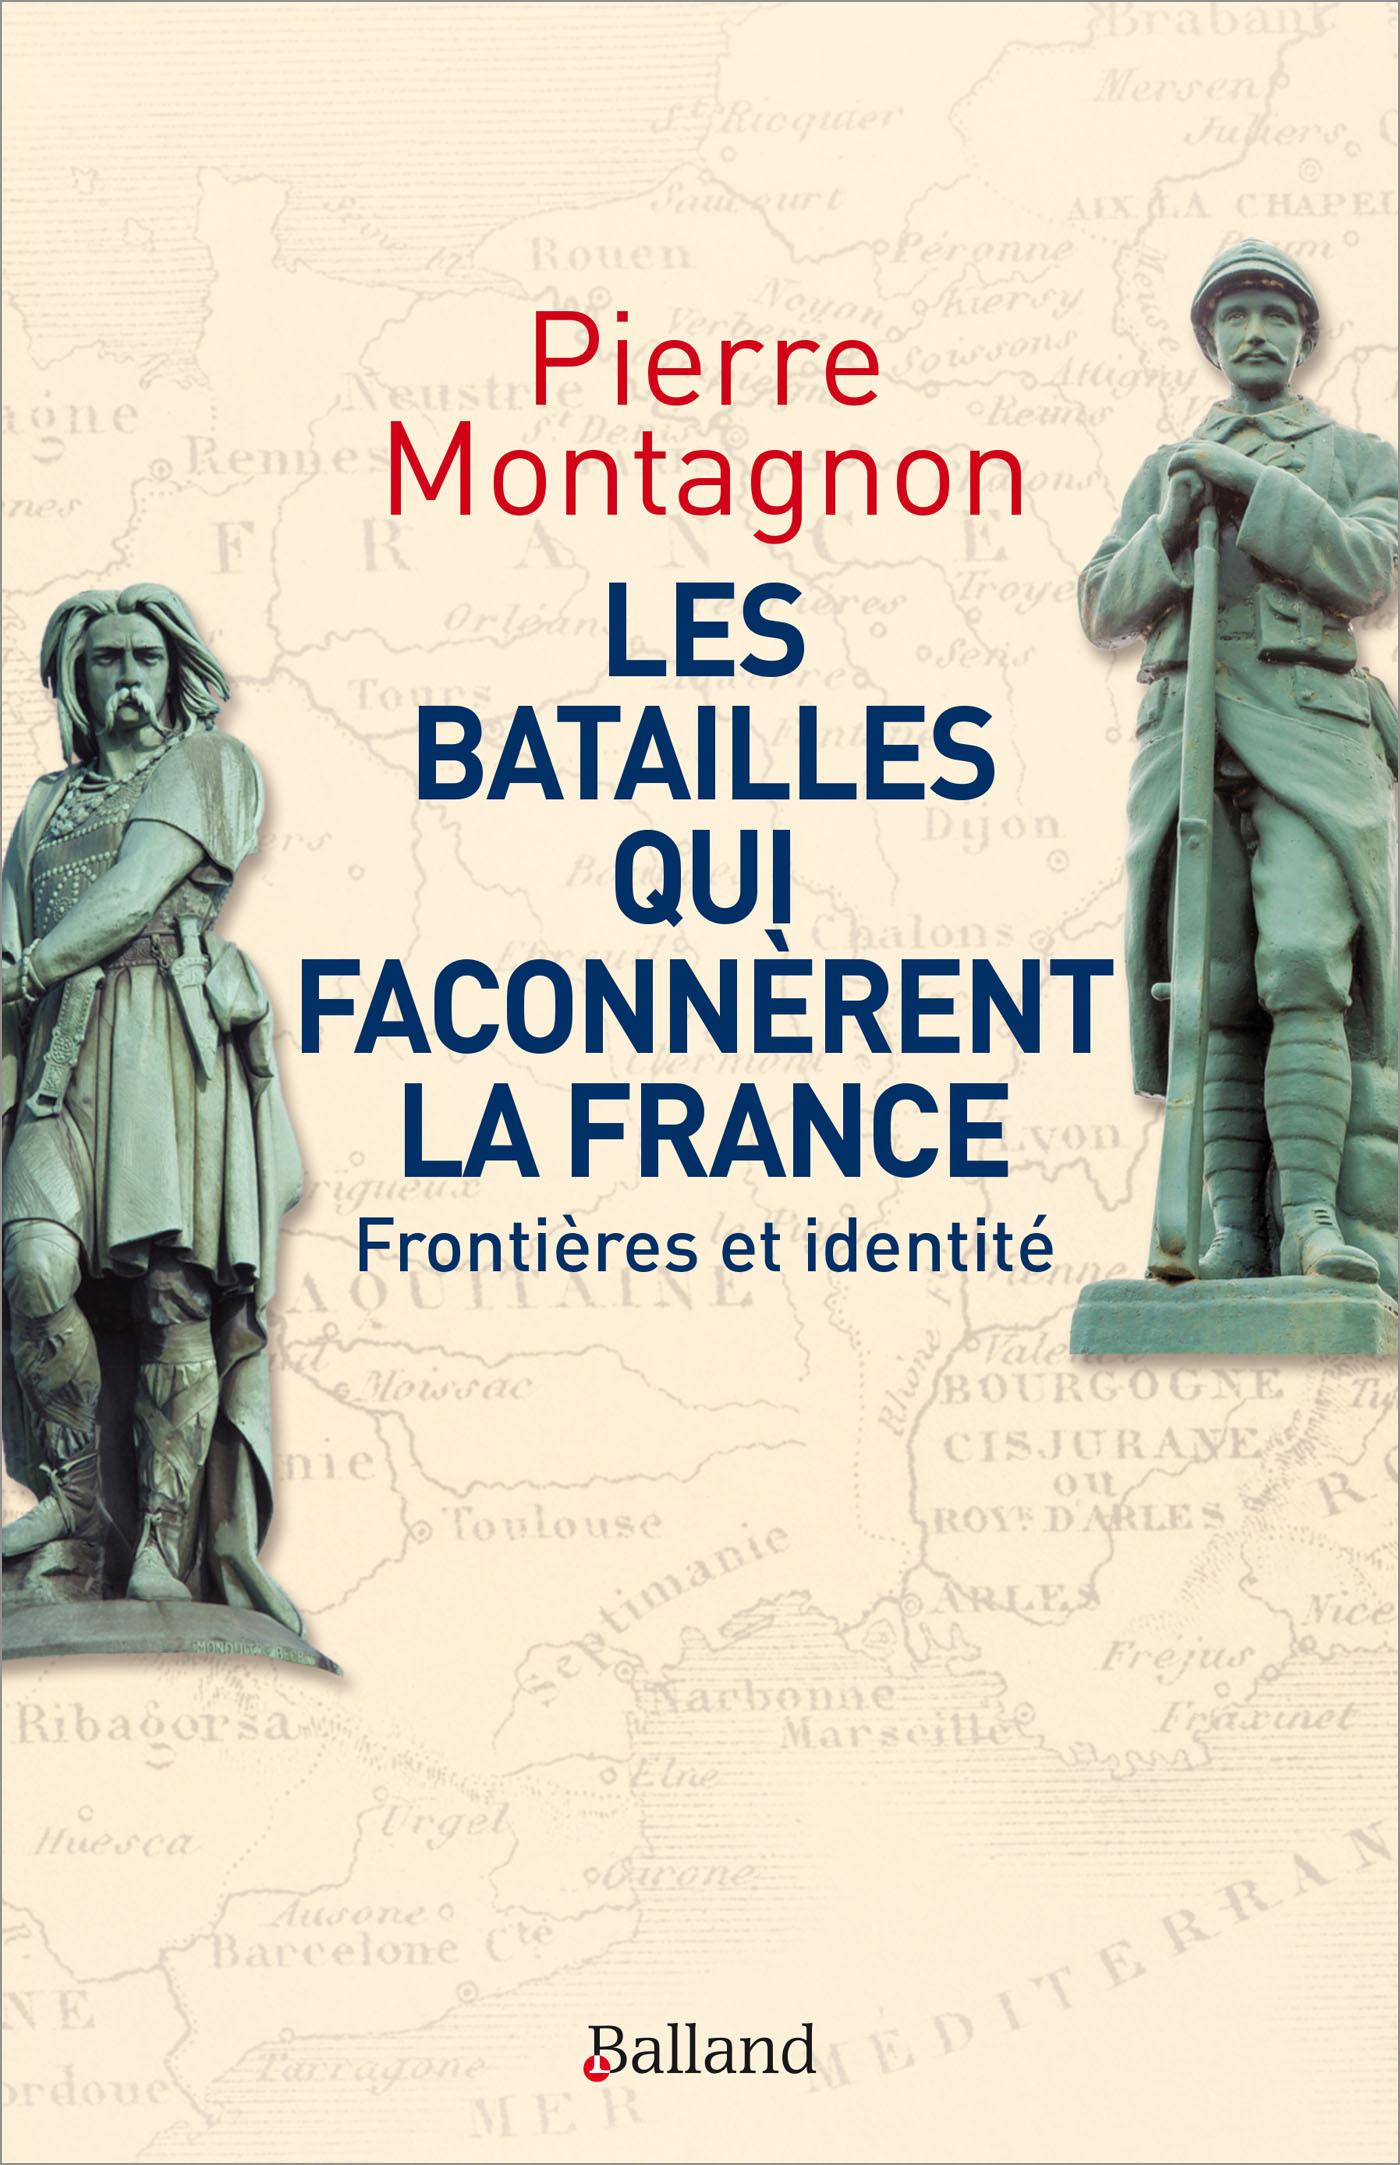 MONTAGNON-Les batailles qui faconnerent la France